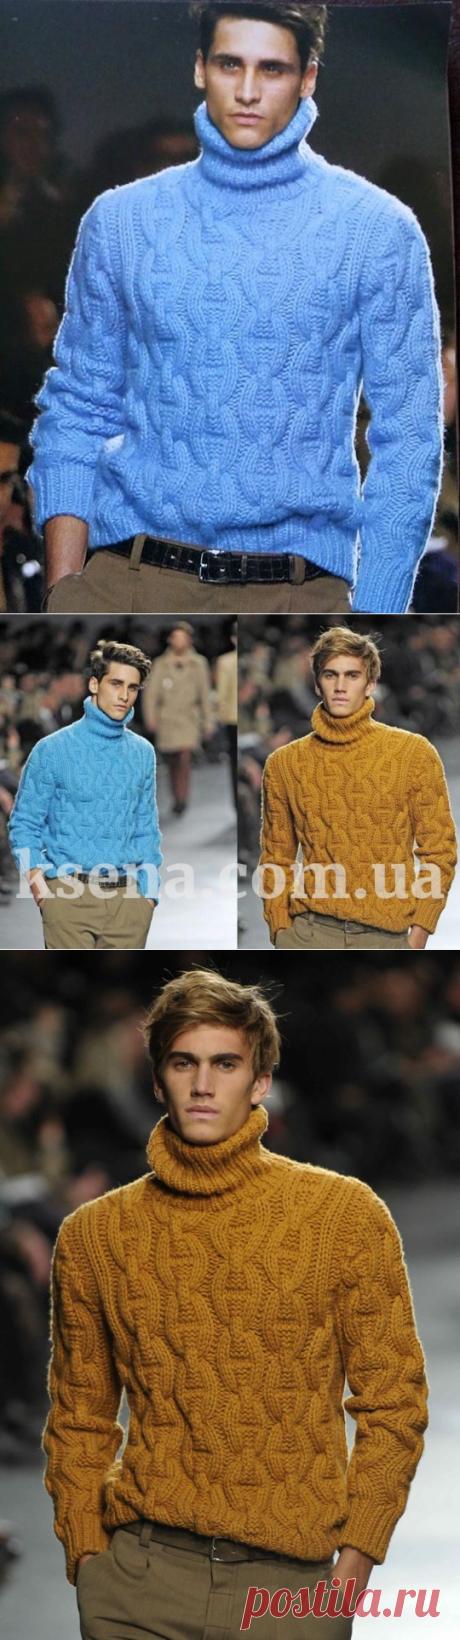 купить мужской свитер - вязаный мужской свитер - вязание для мужчин - Ksena